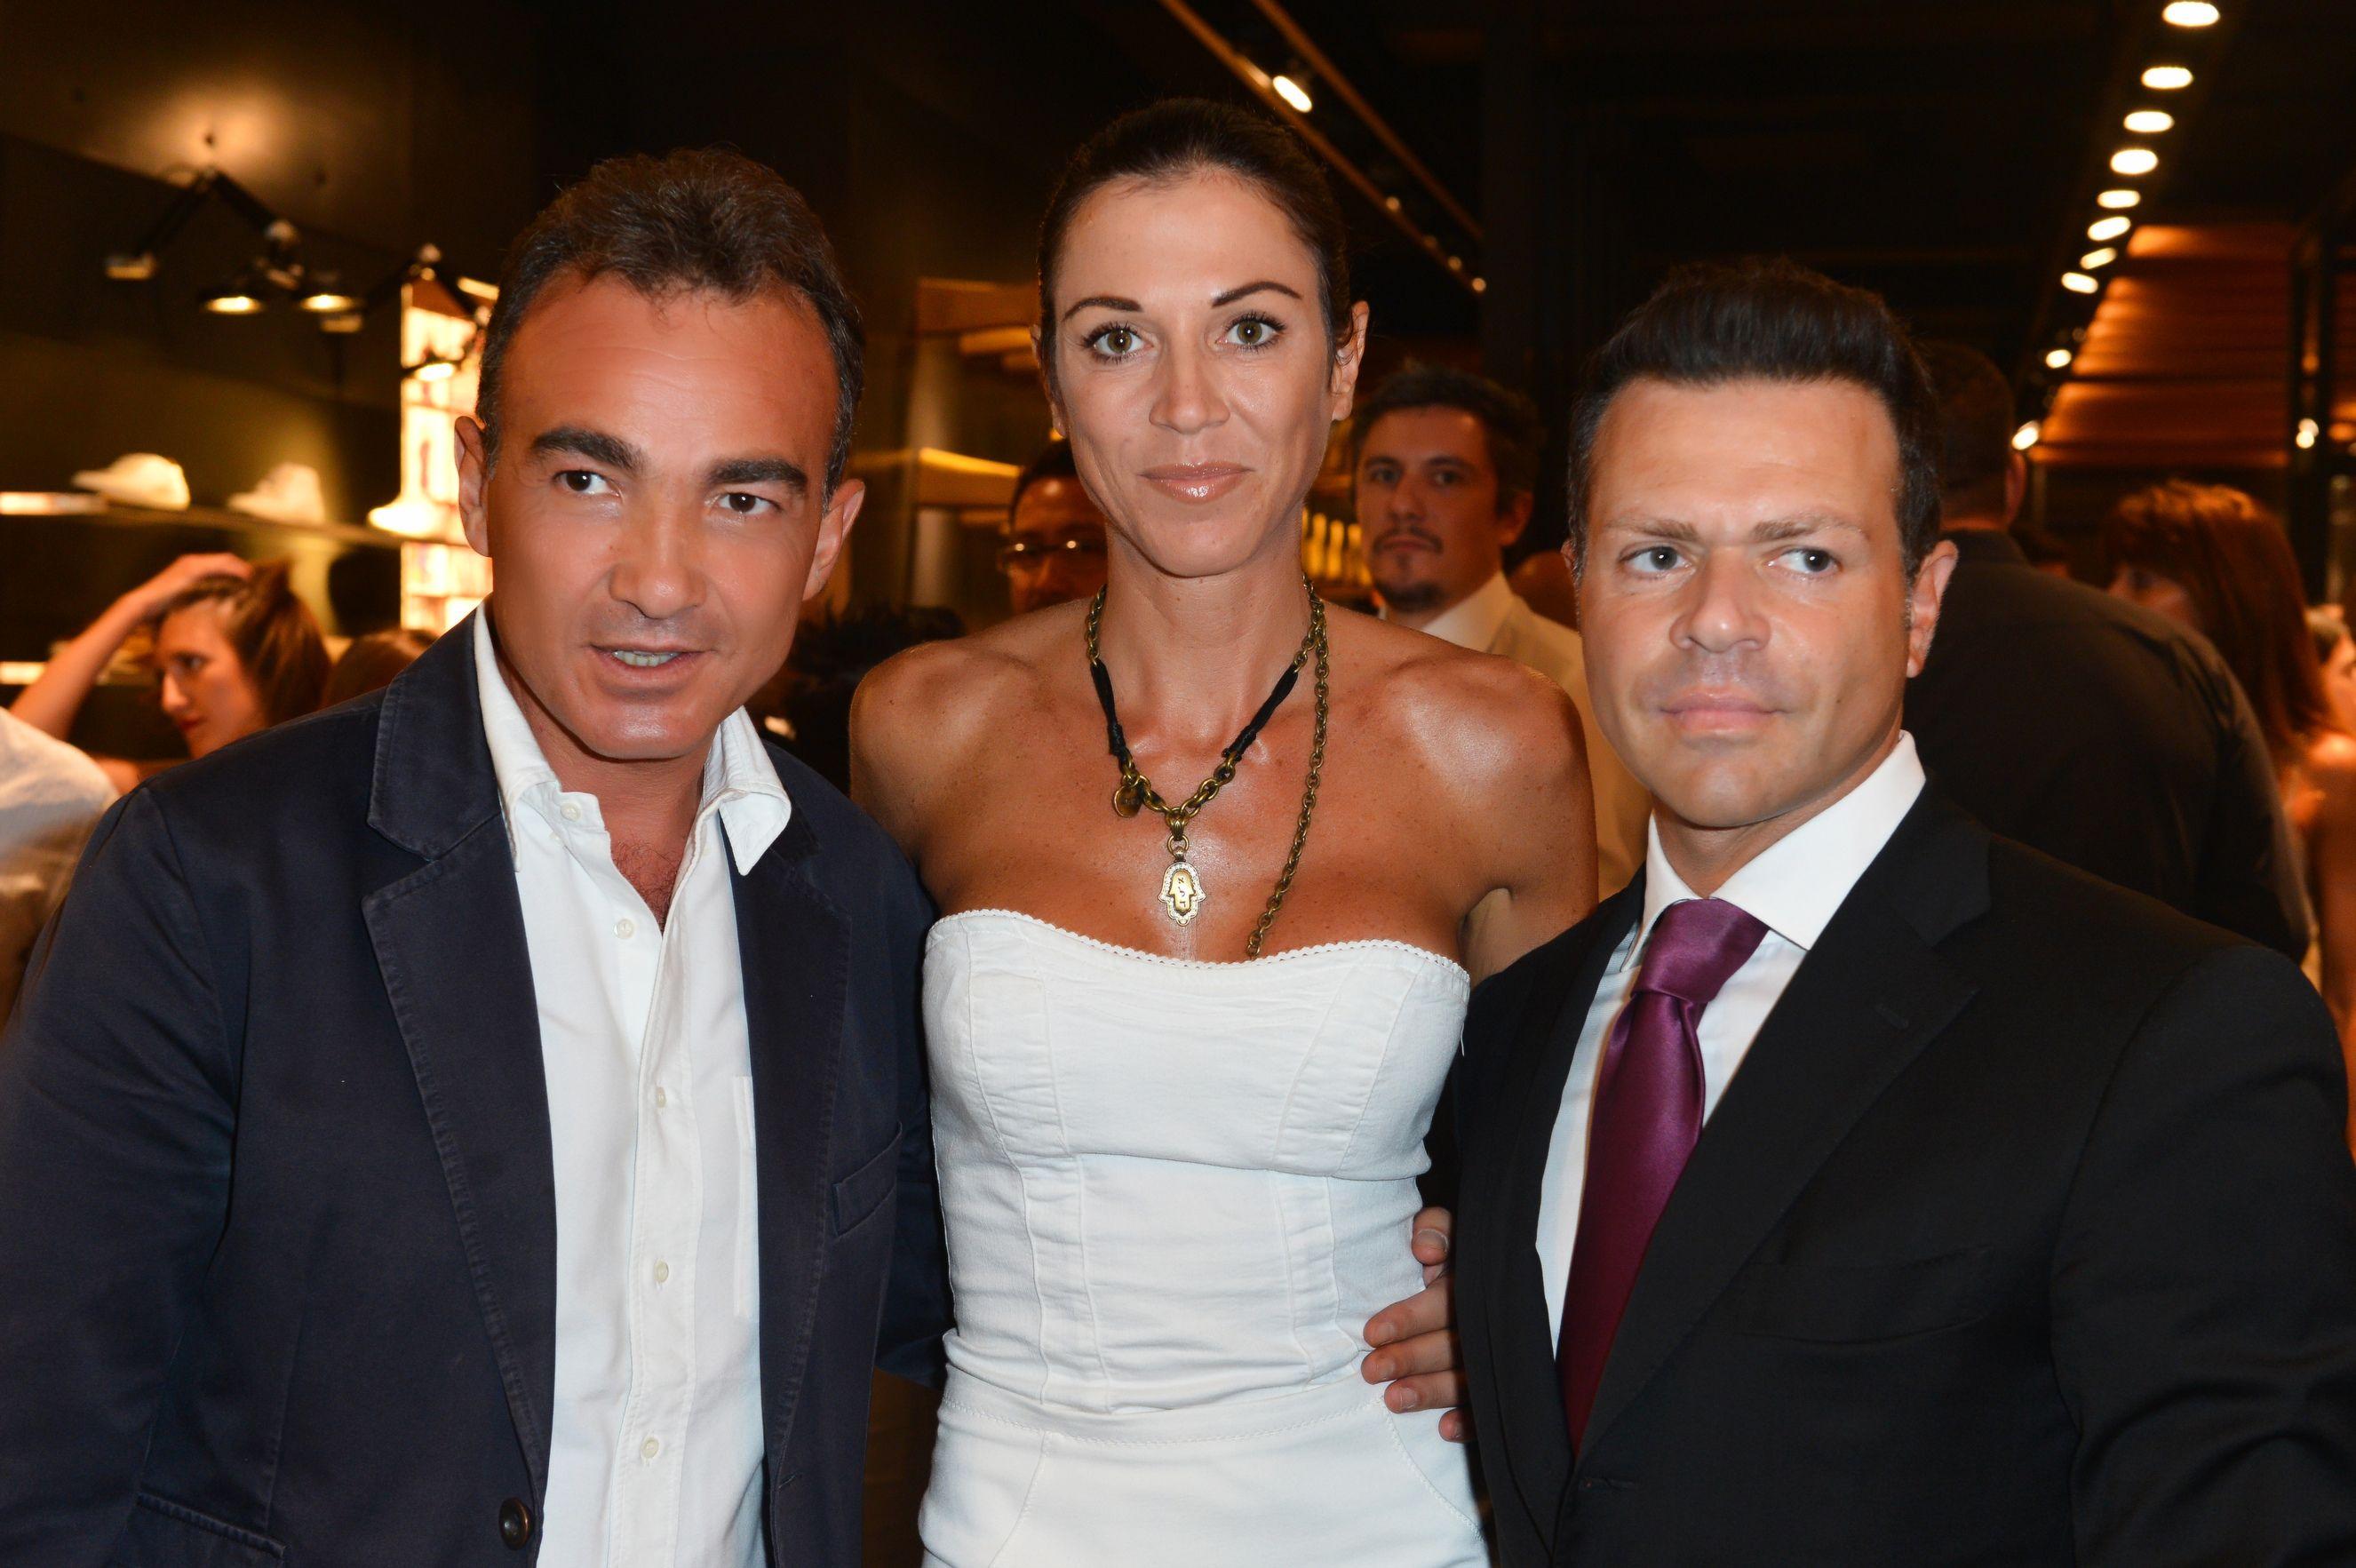 Antonio Gallo, Federica Torti, Fabrizio Politi